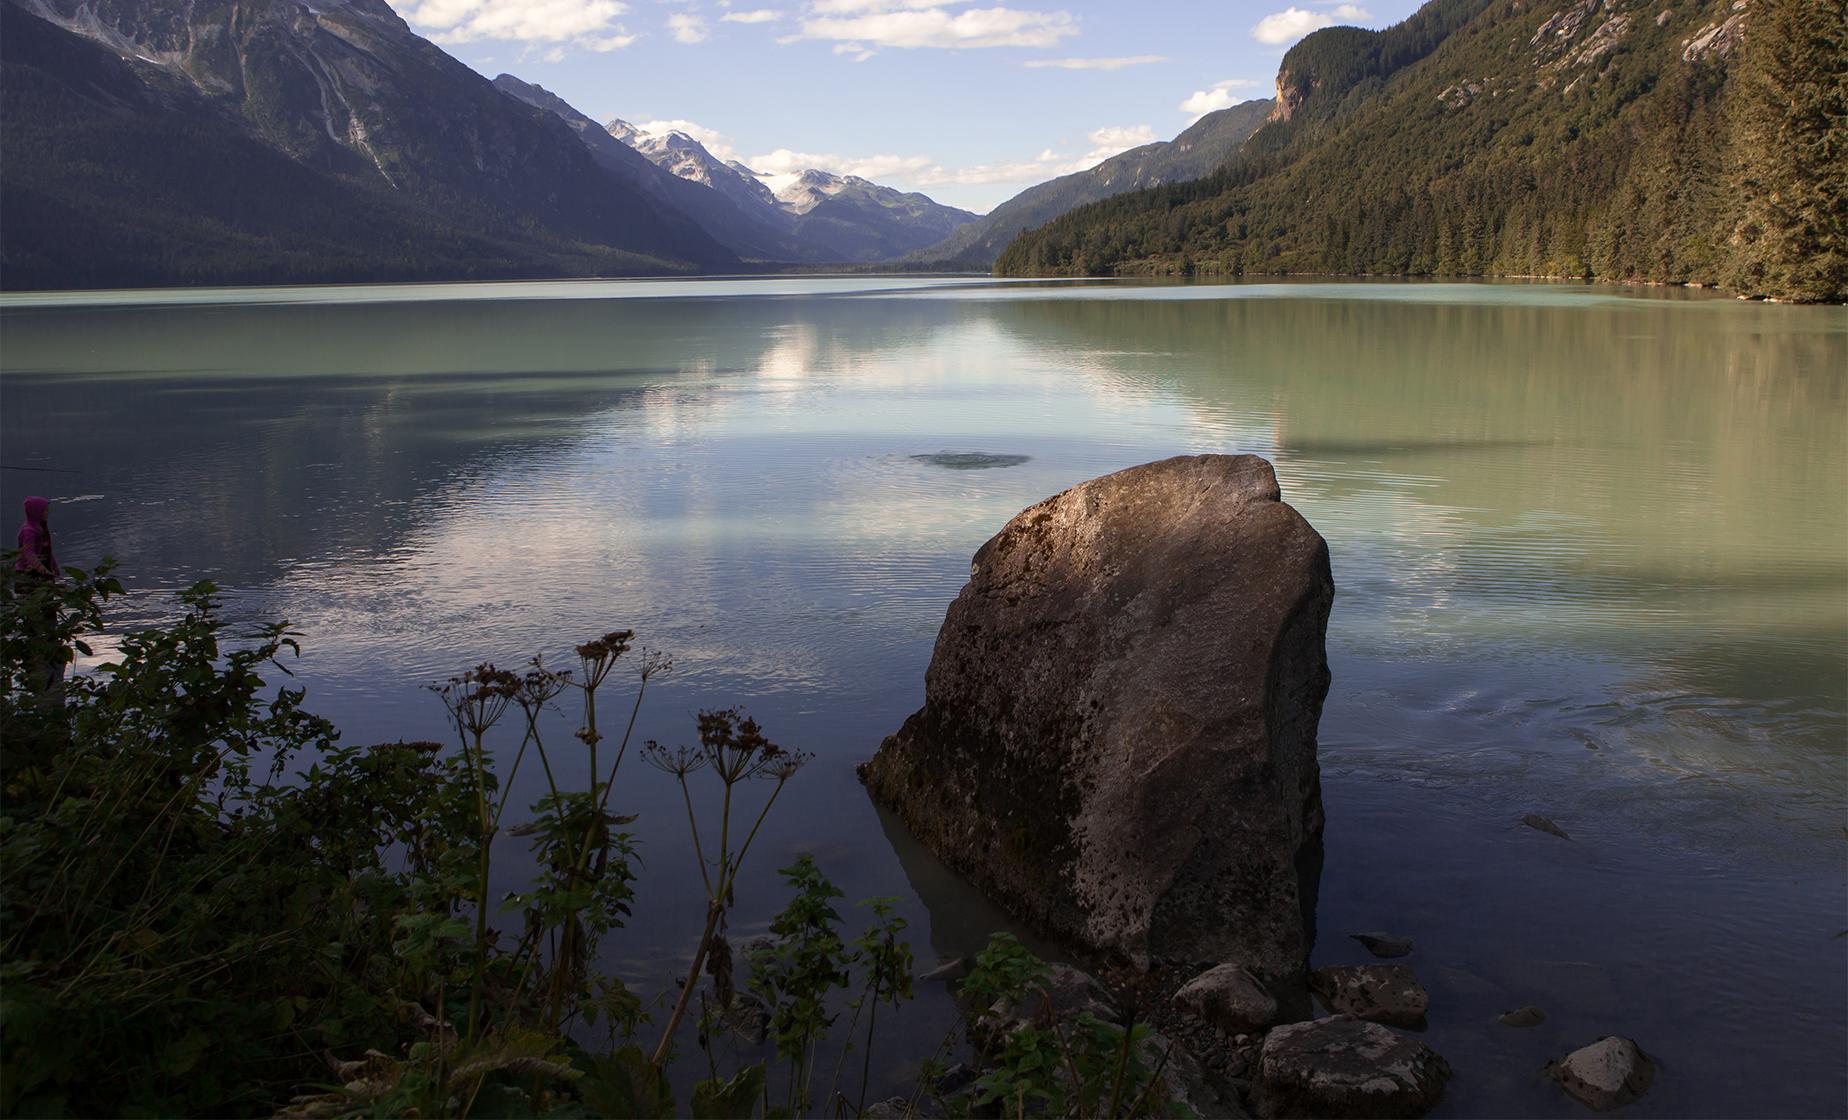 Chilkoot Lake Canoeing